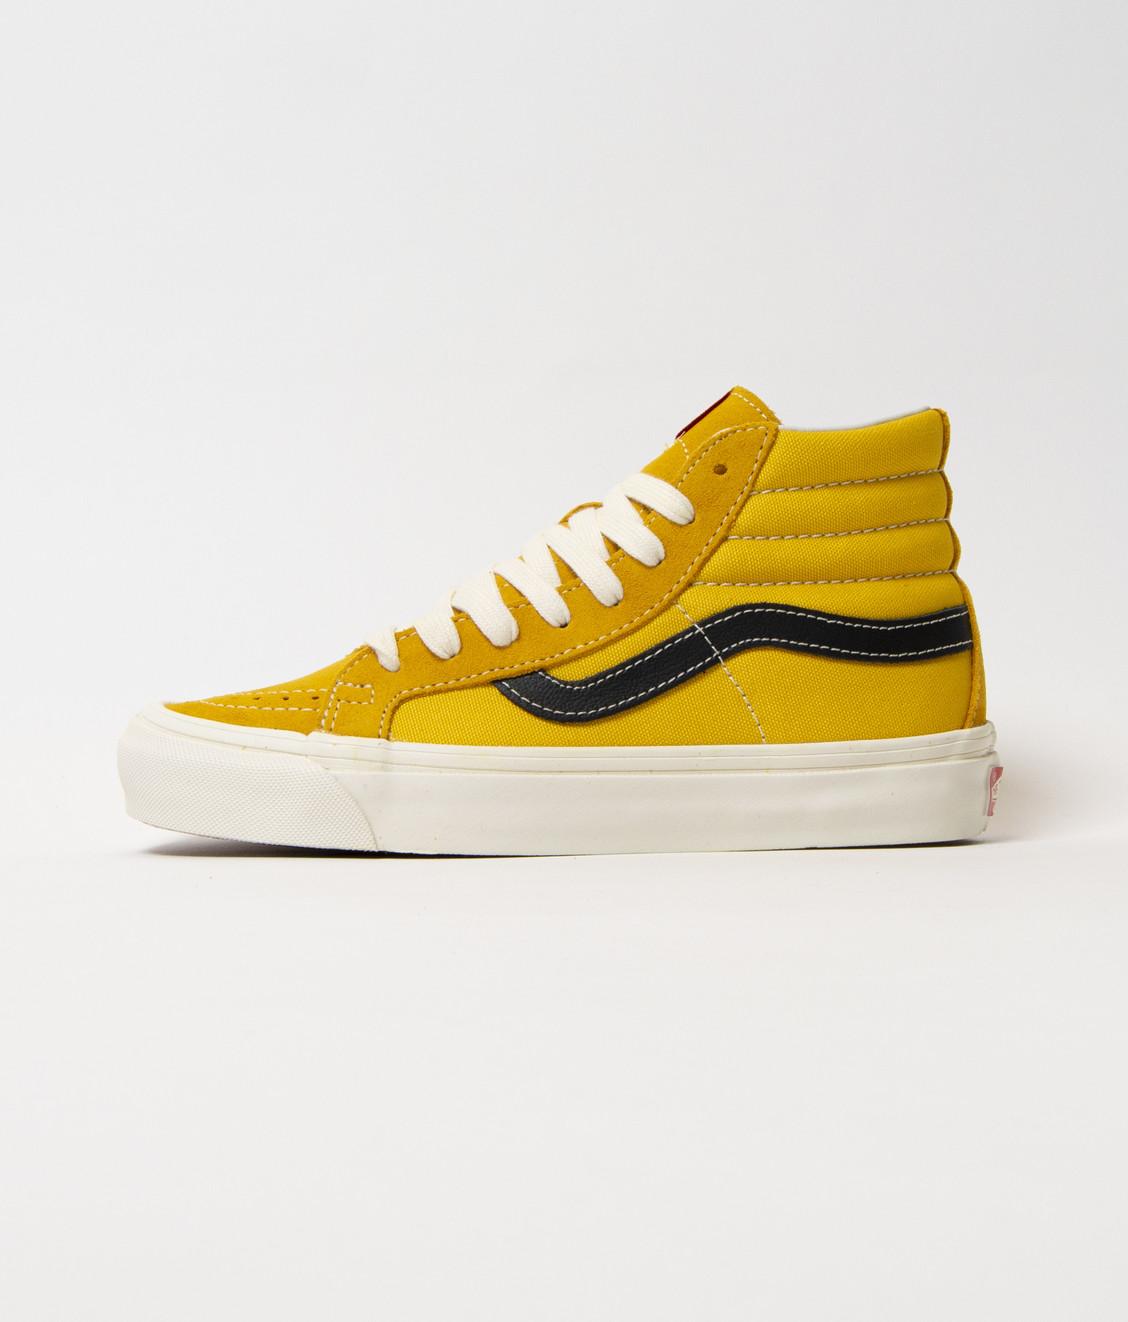 Vans Vans Vault OG SK8-Hi LX Yellow top 10